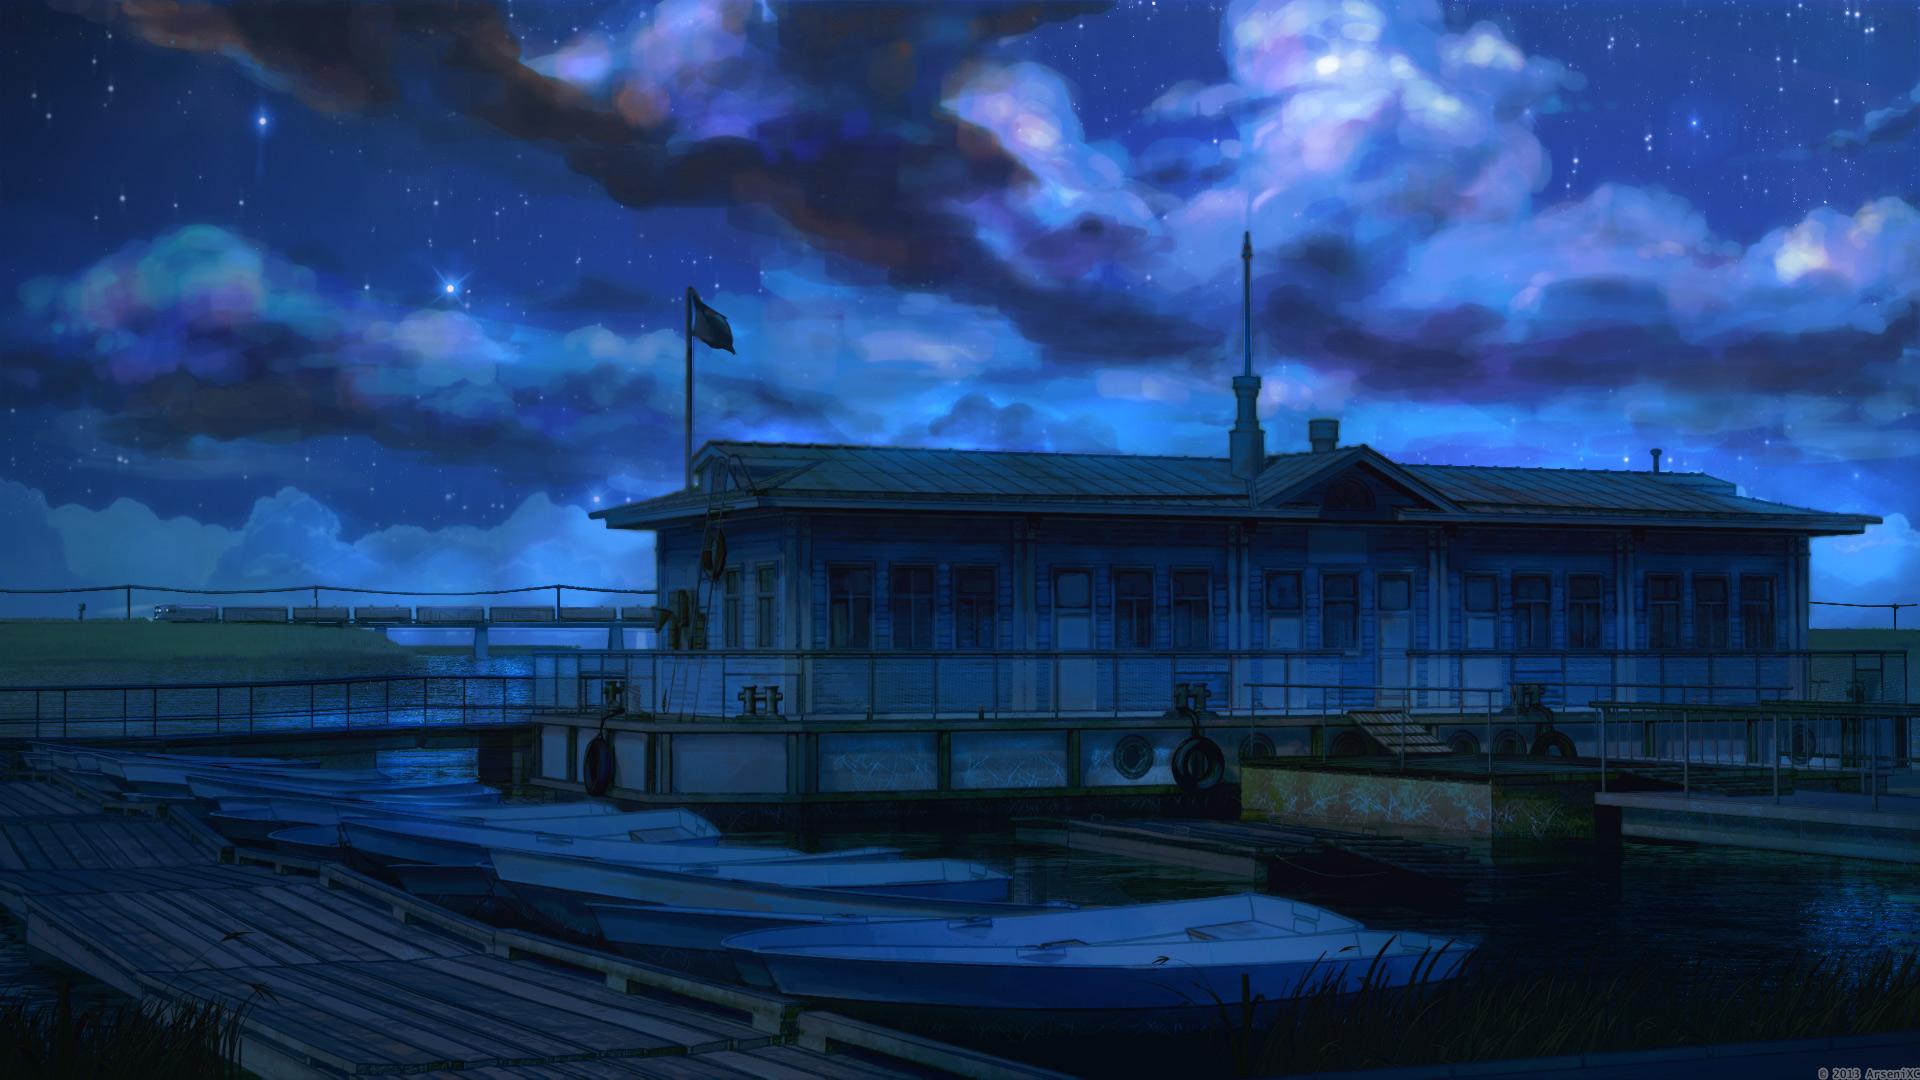 Boat station night by arsenixc